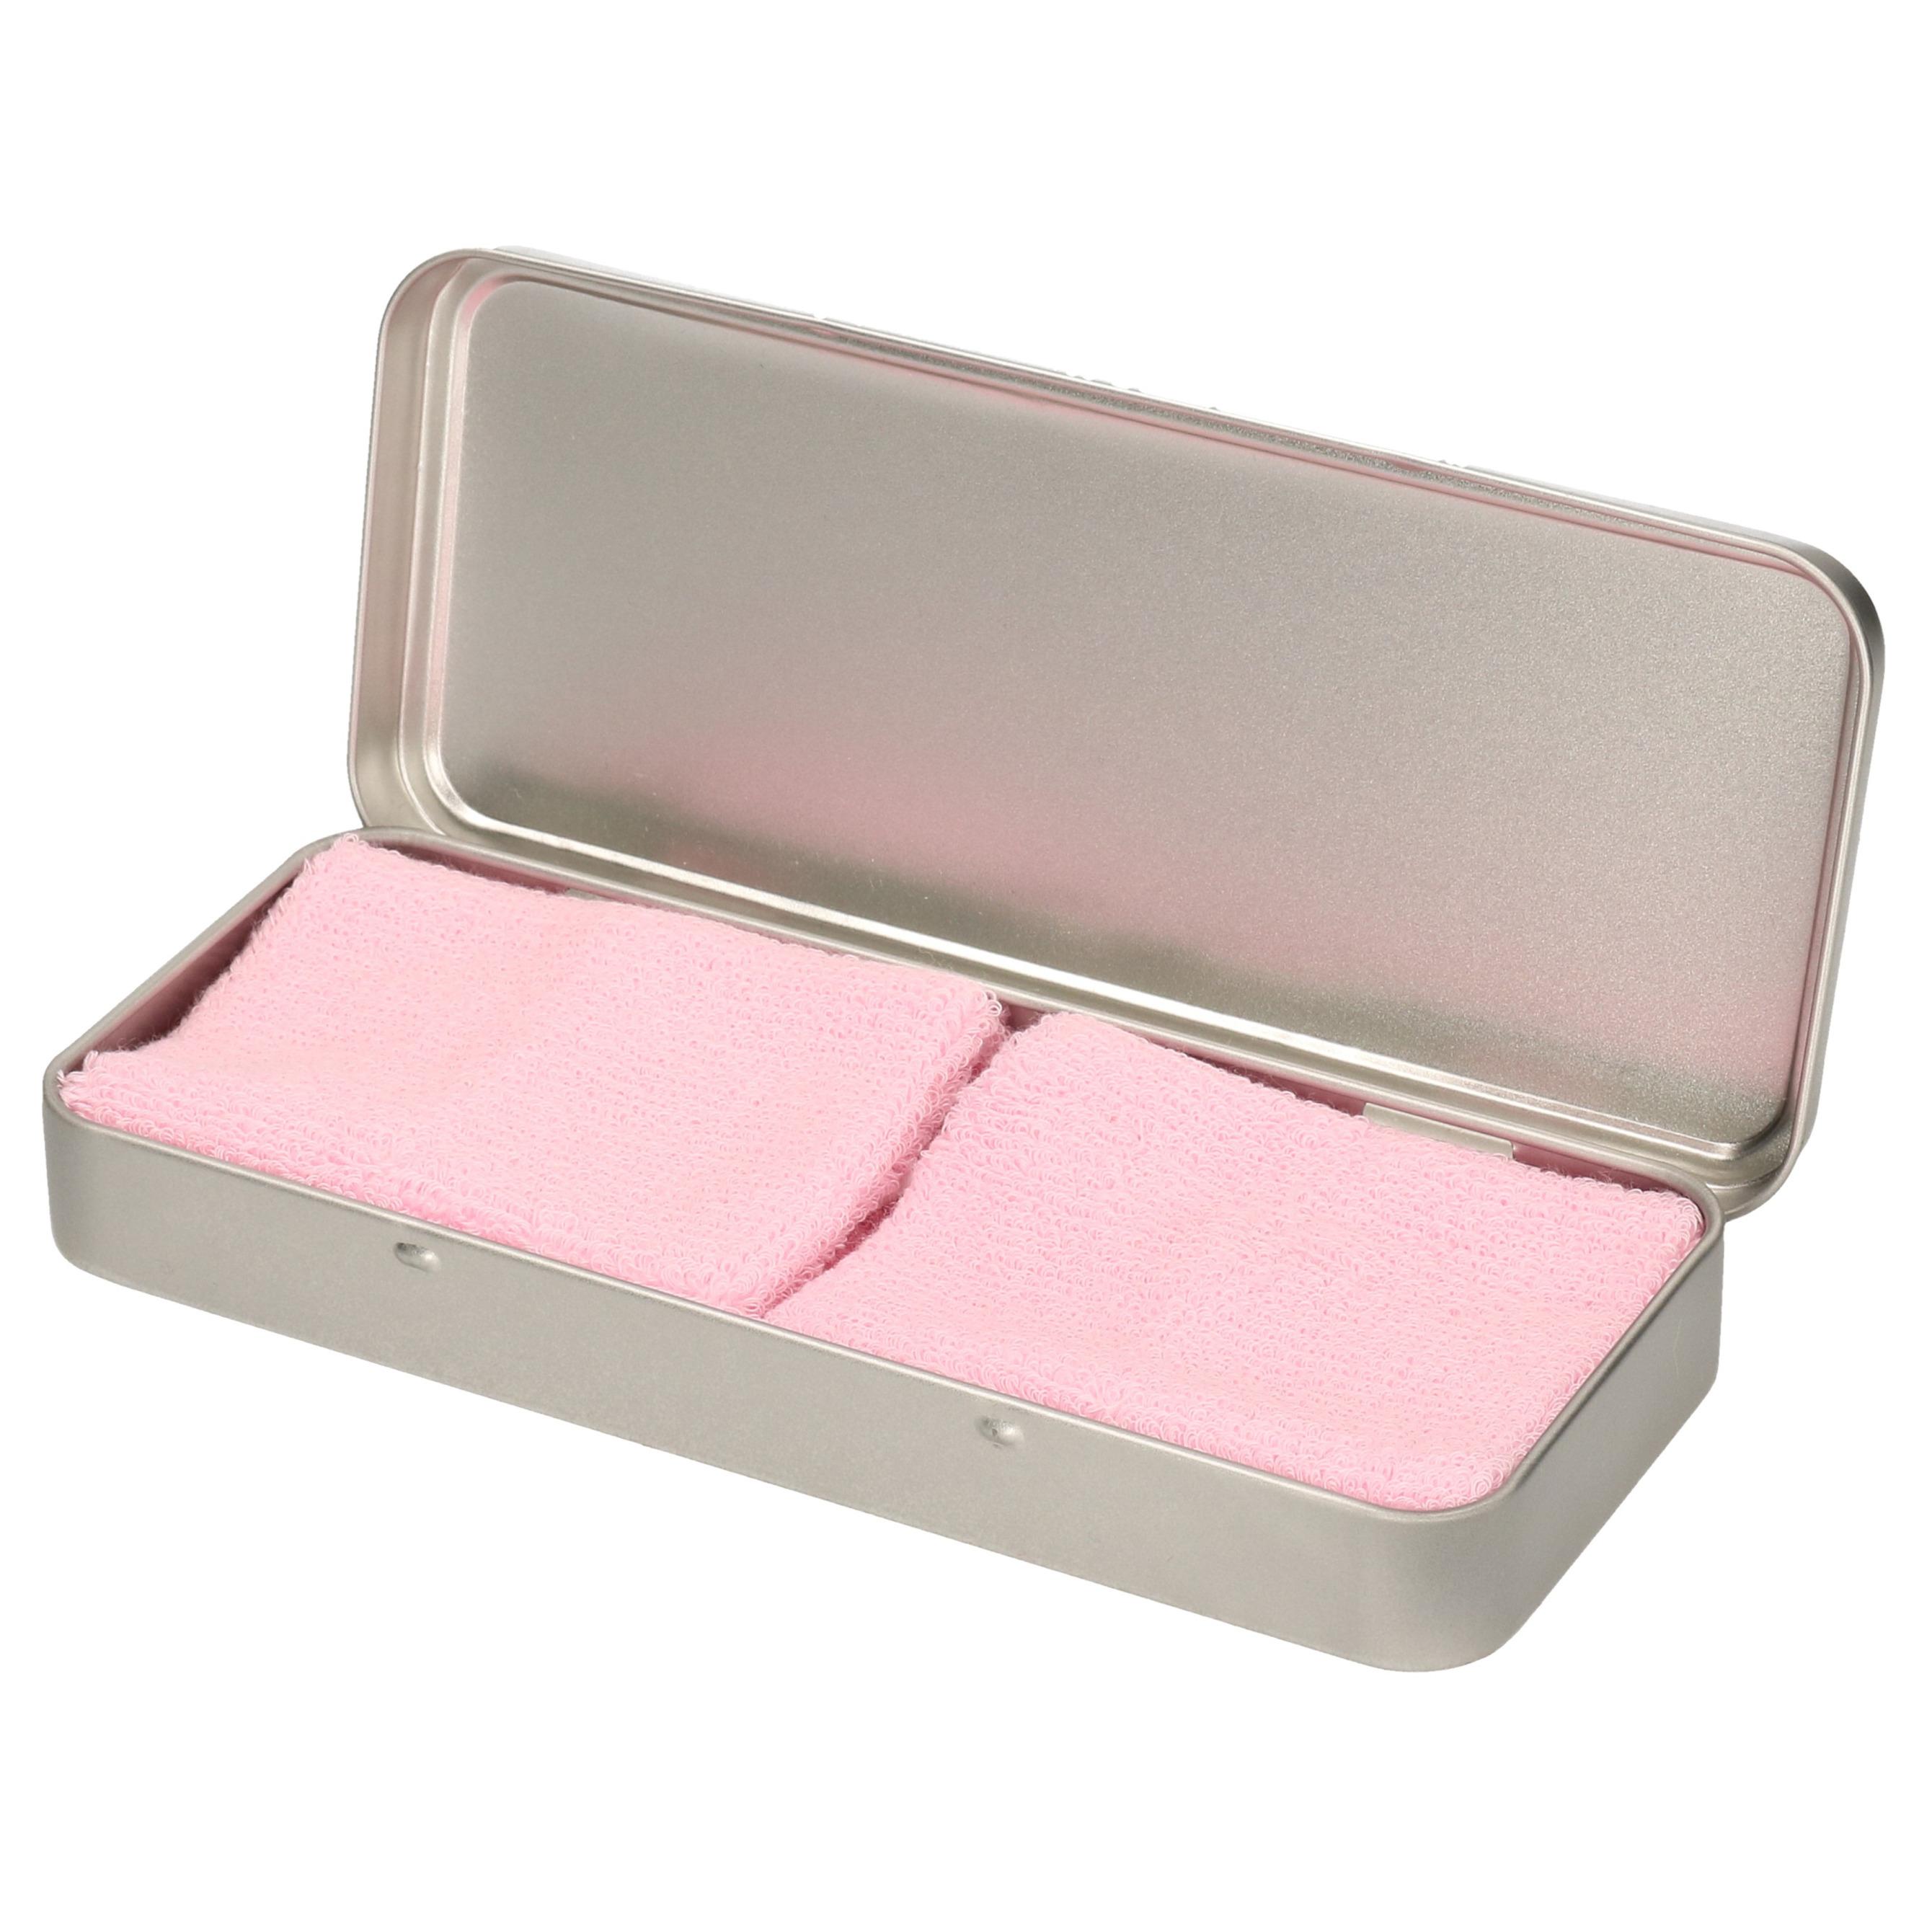 2x stuks roze sport zweetbandjes in metalen opslag bewaar doosje